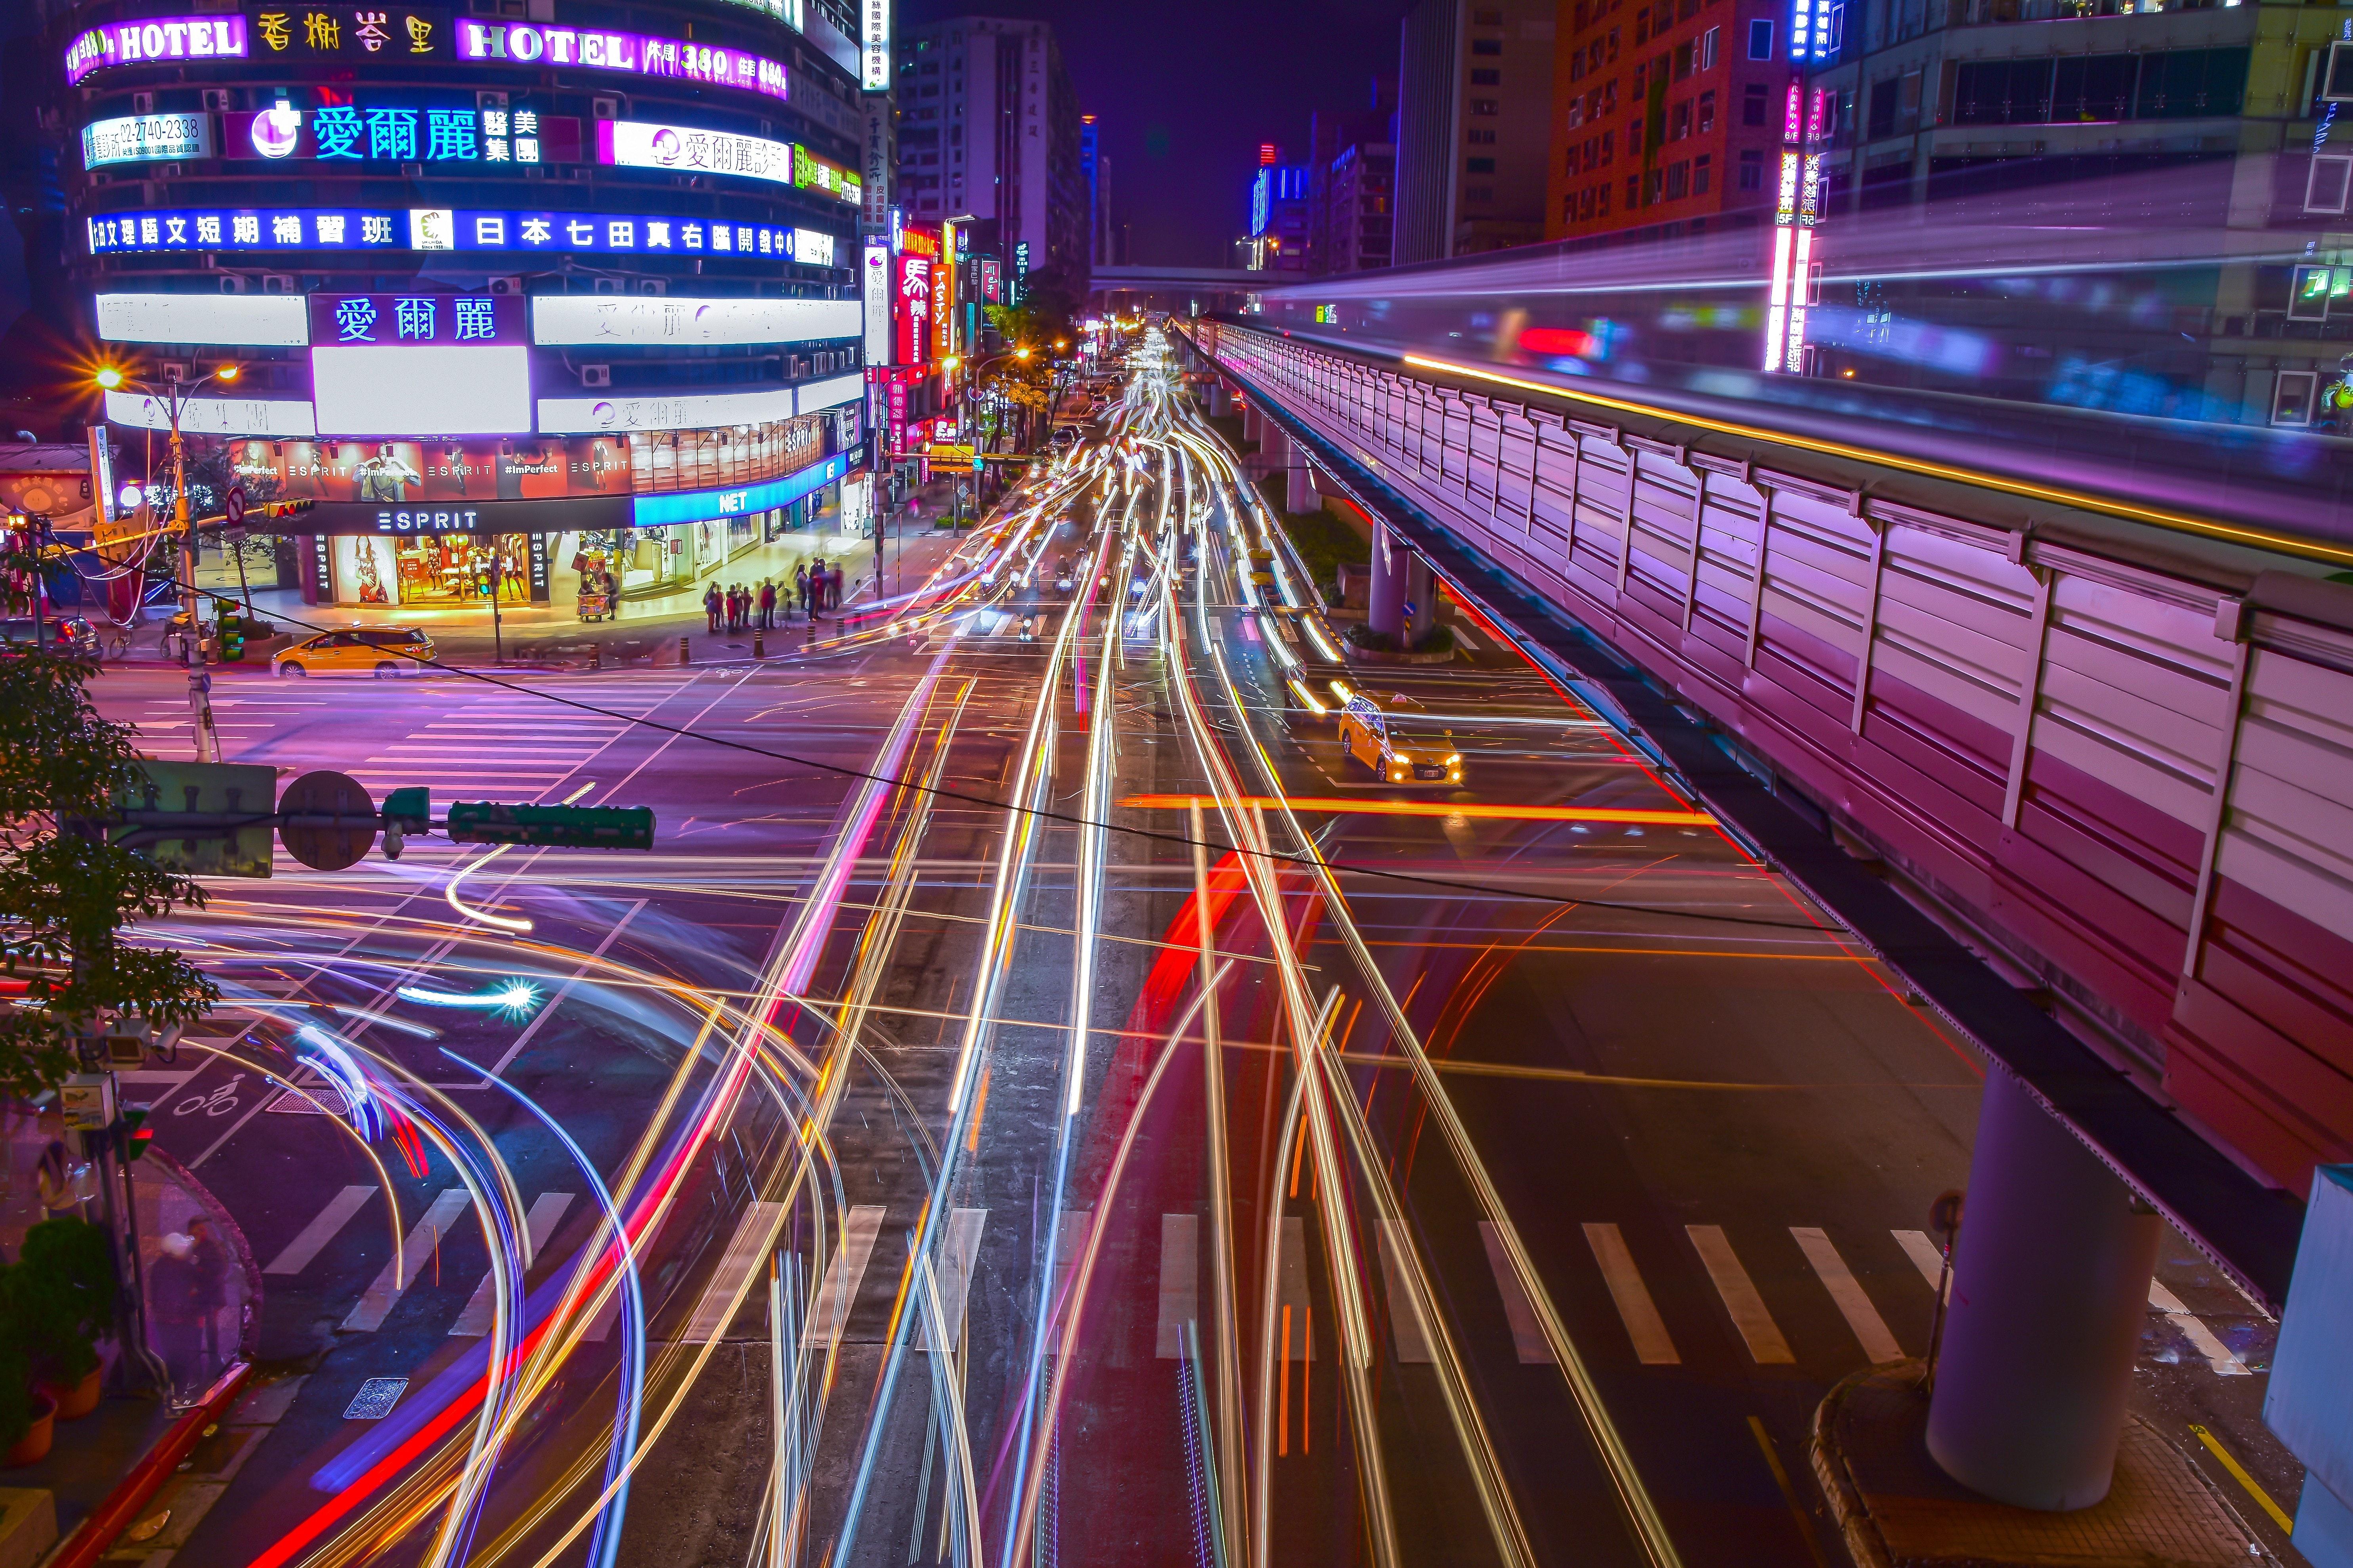 بالتفاصيل.. نظام إنارة ذكي للشوارع يقلل من استهلاك وقود المركبات